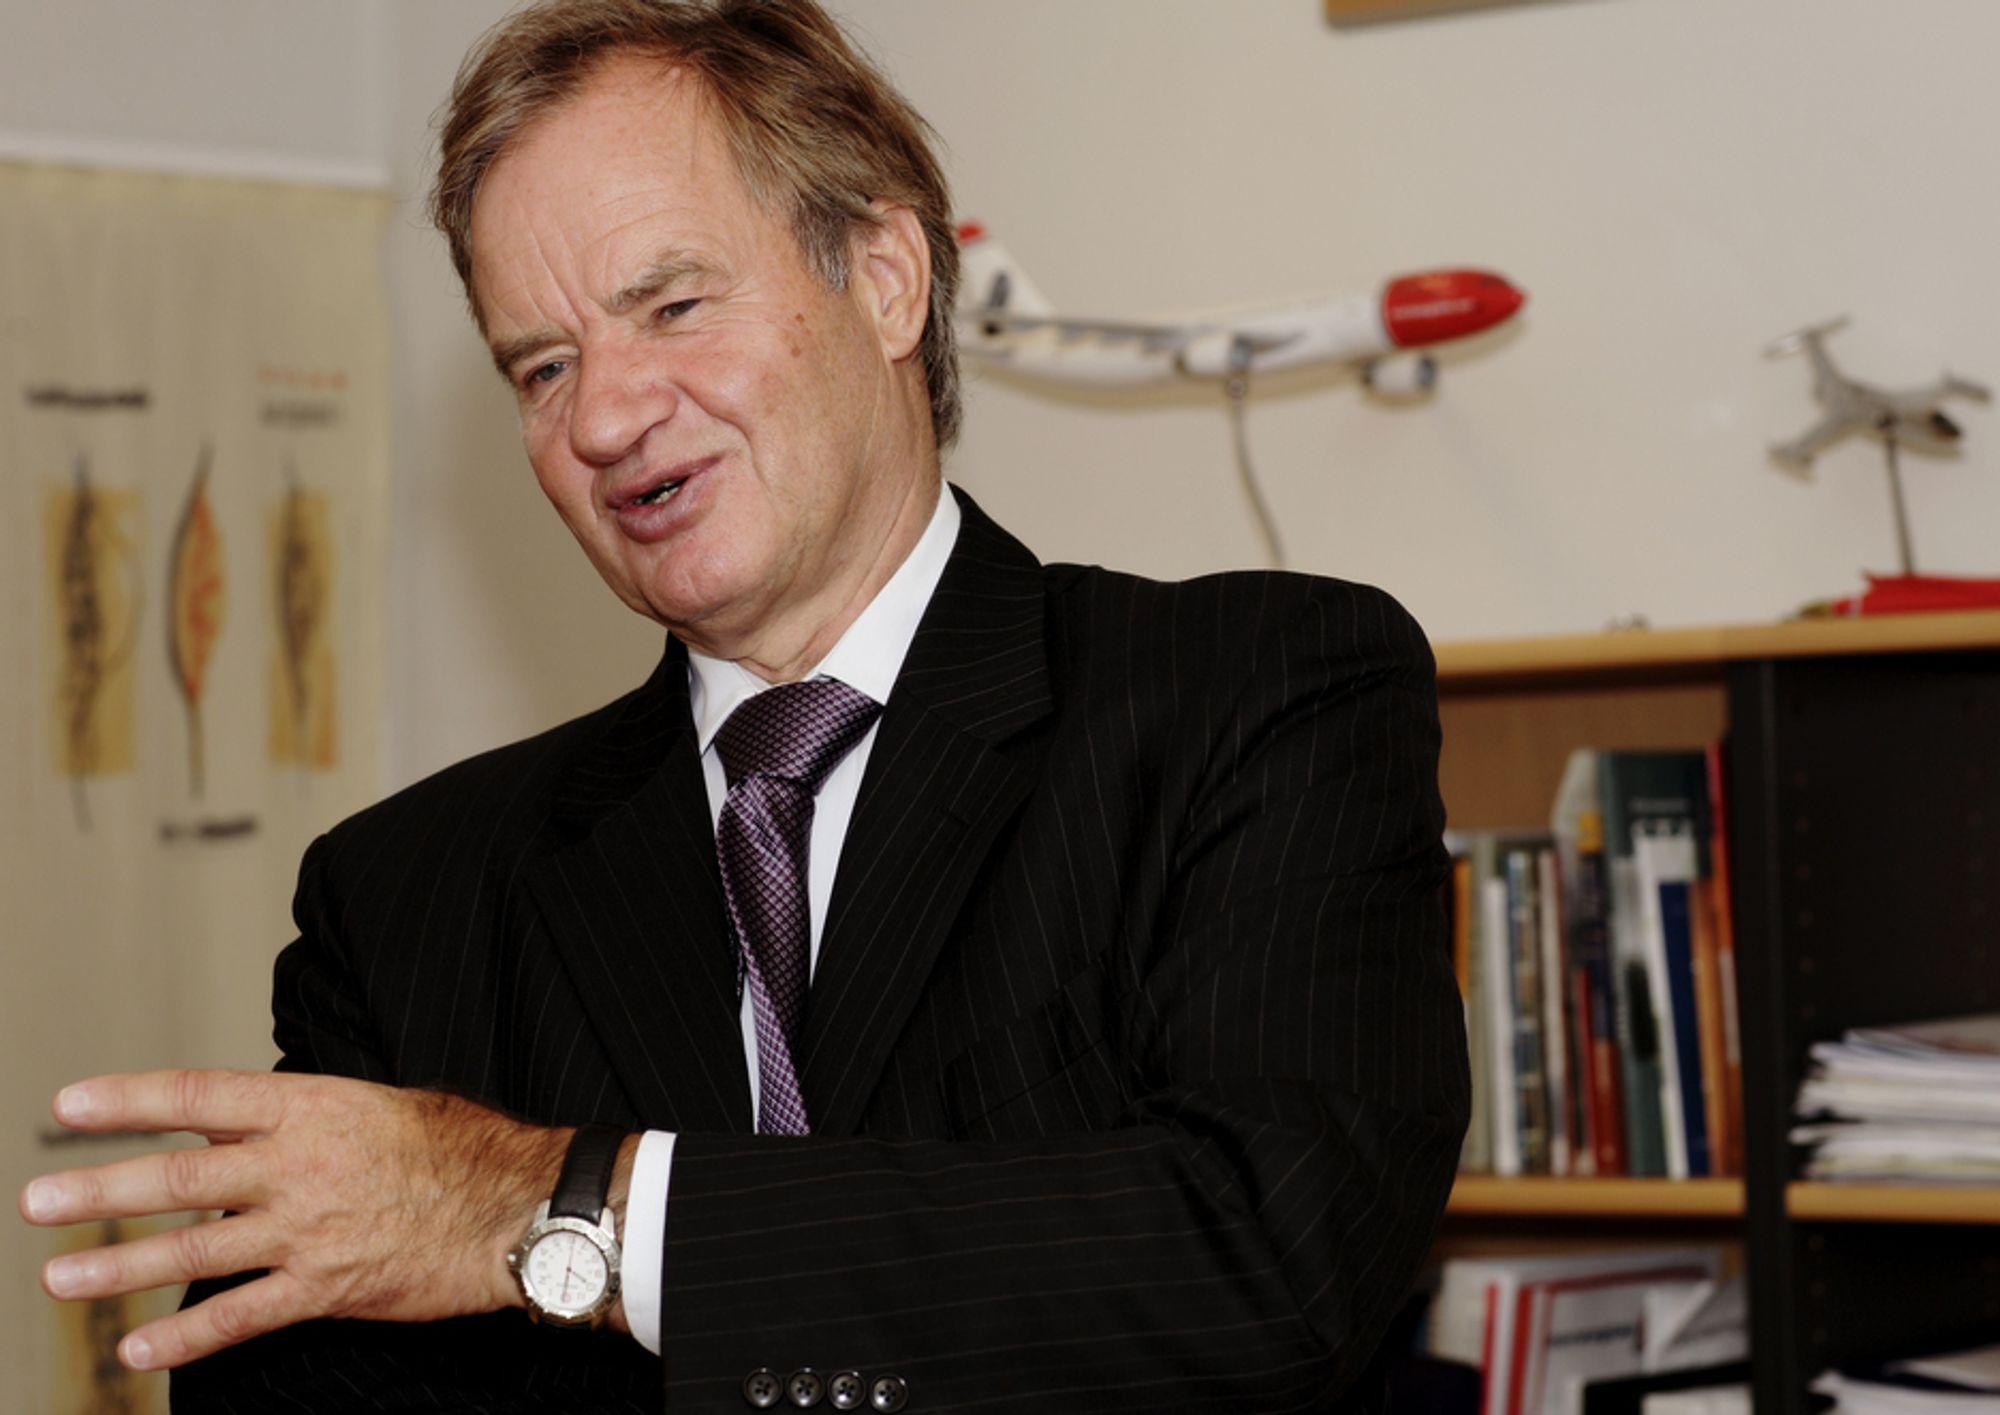 - Flytrafikken vil bli det mest miljøvennlige alternativet, sa Norwegian-sjef Bjørn Kjos til Teknisk Ukeblad i forrige uke. Nå får han kritikk.